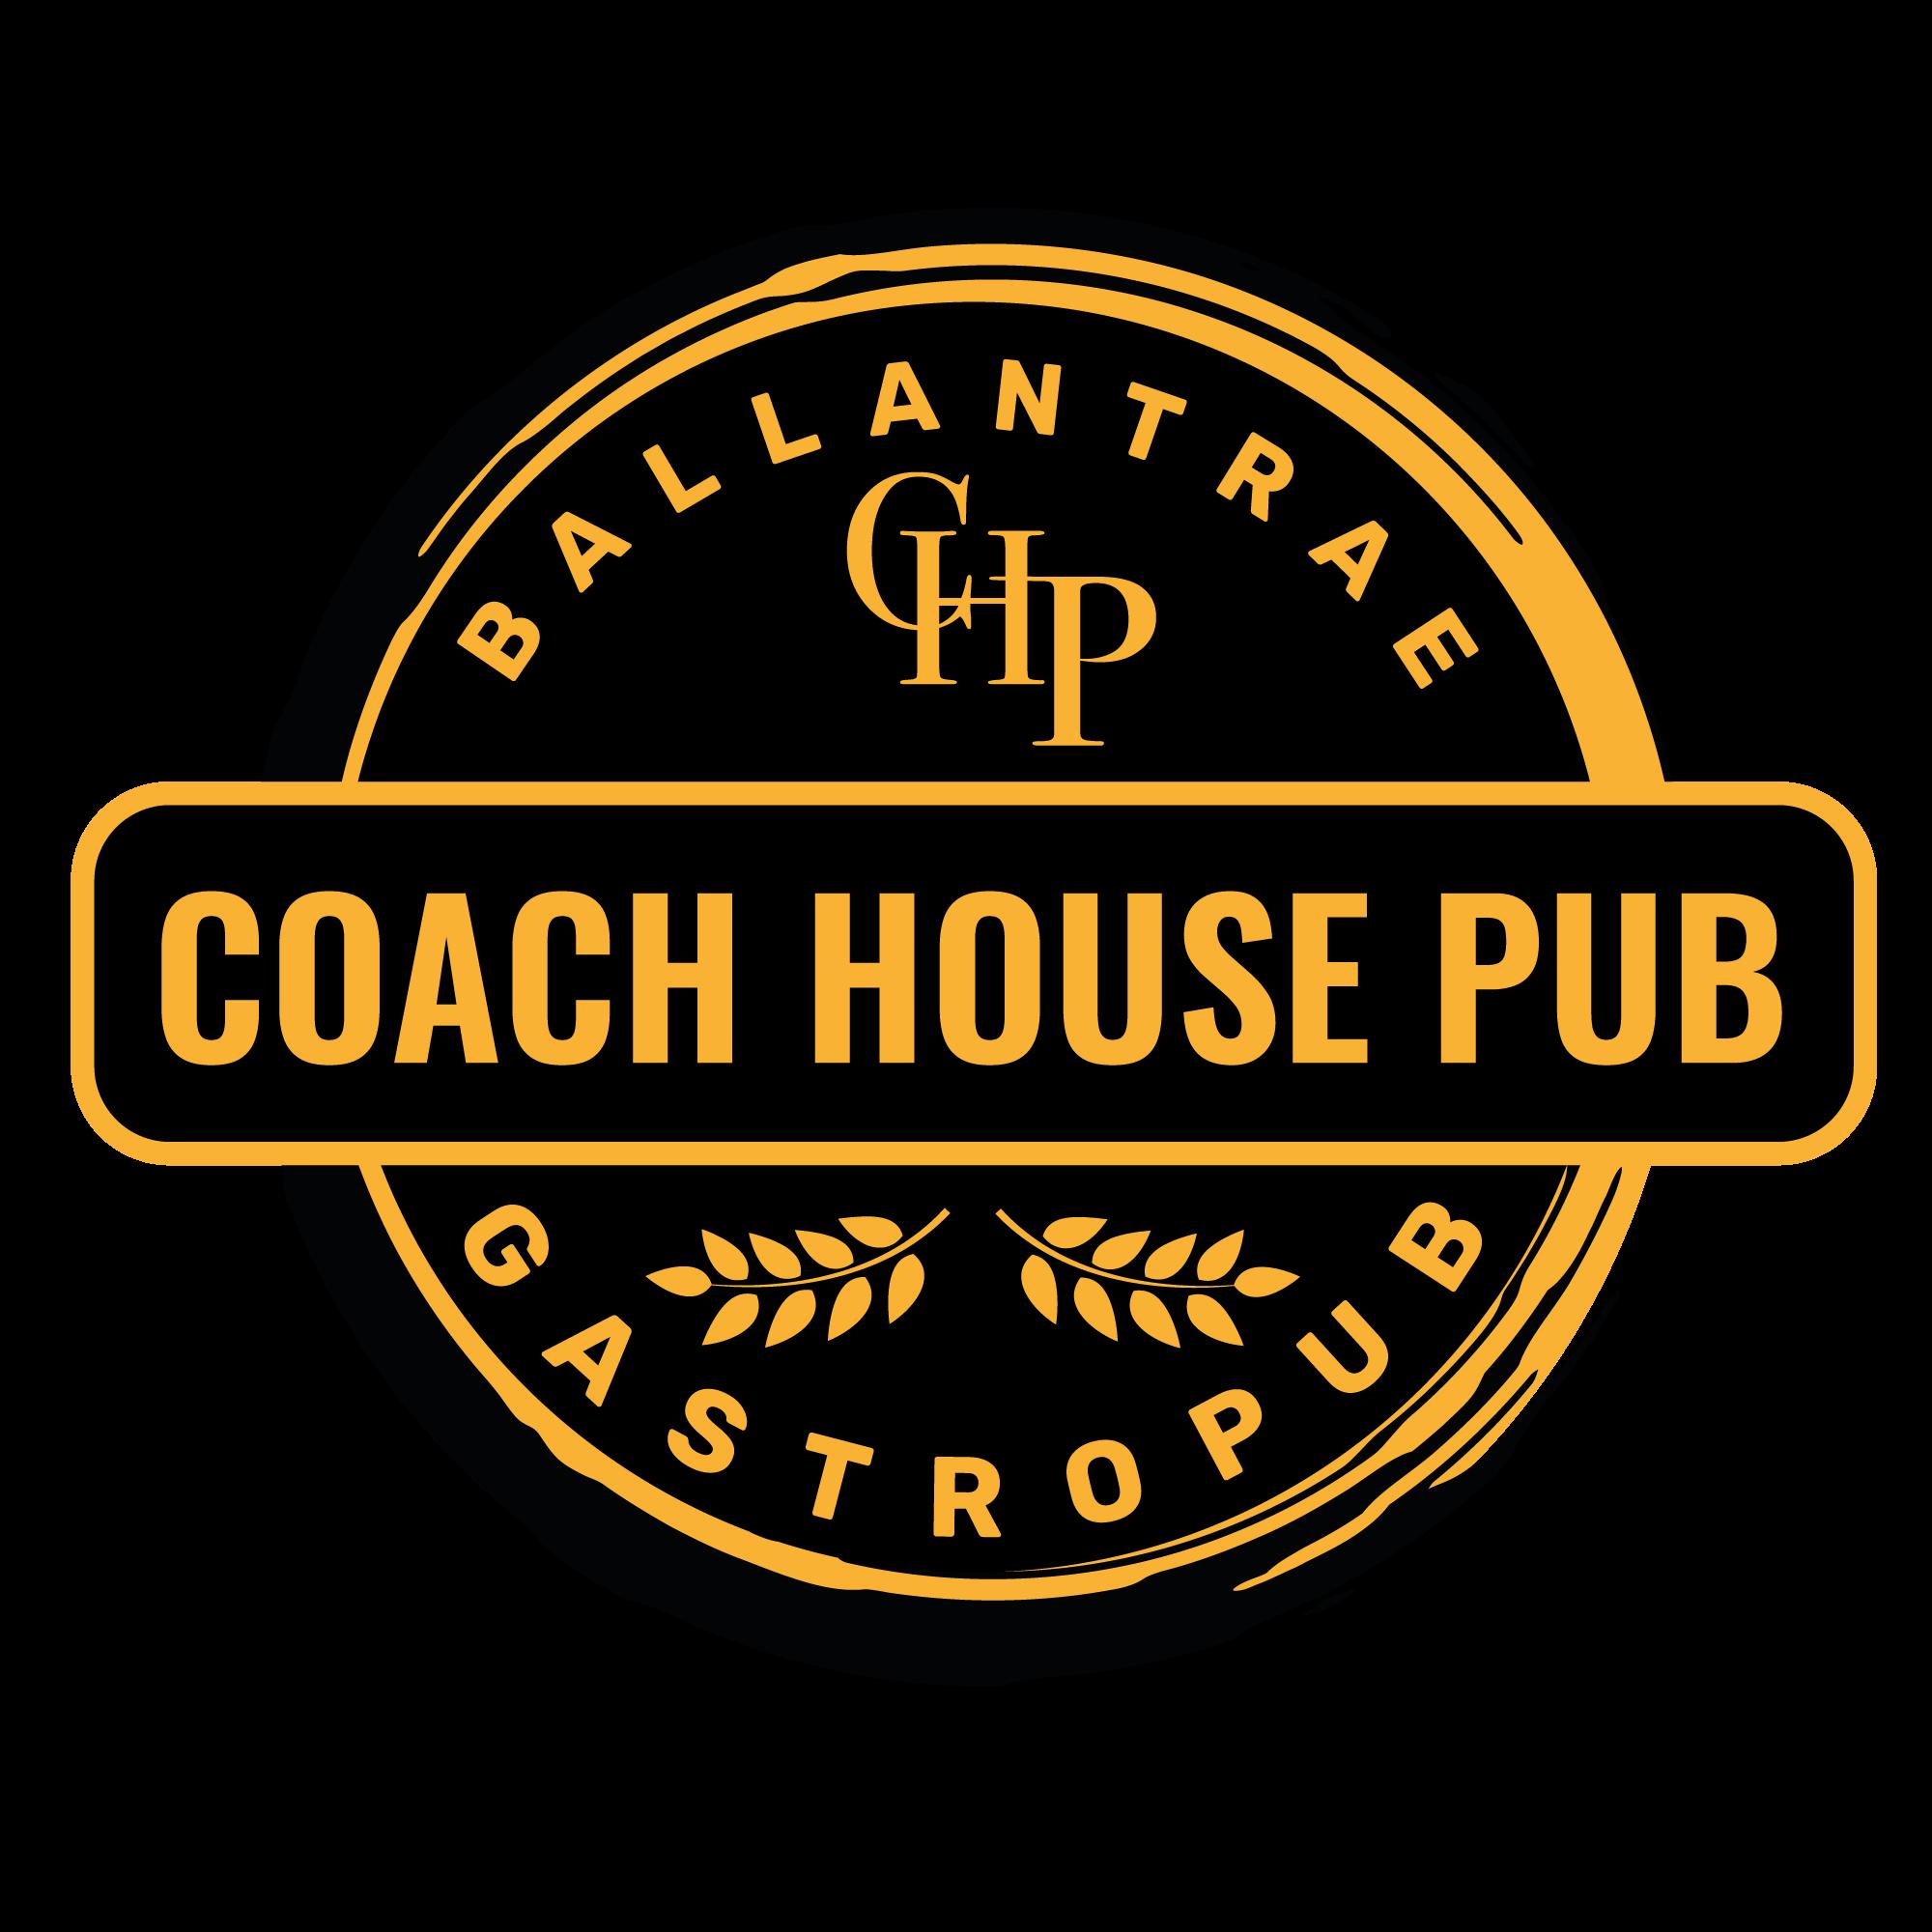 Coach House Pub